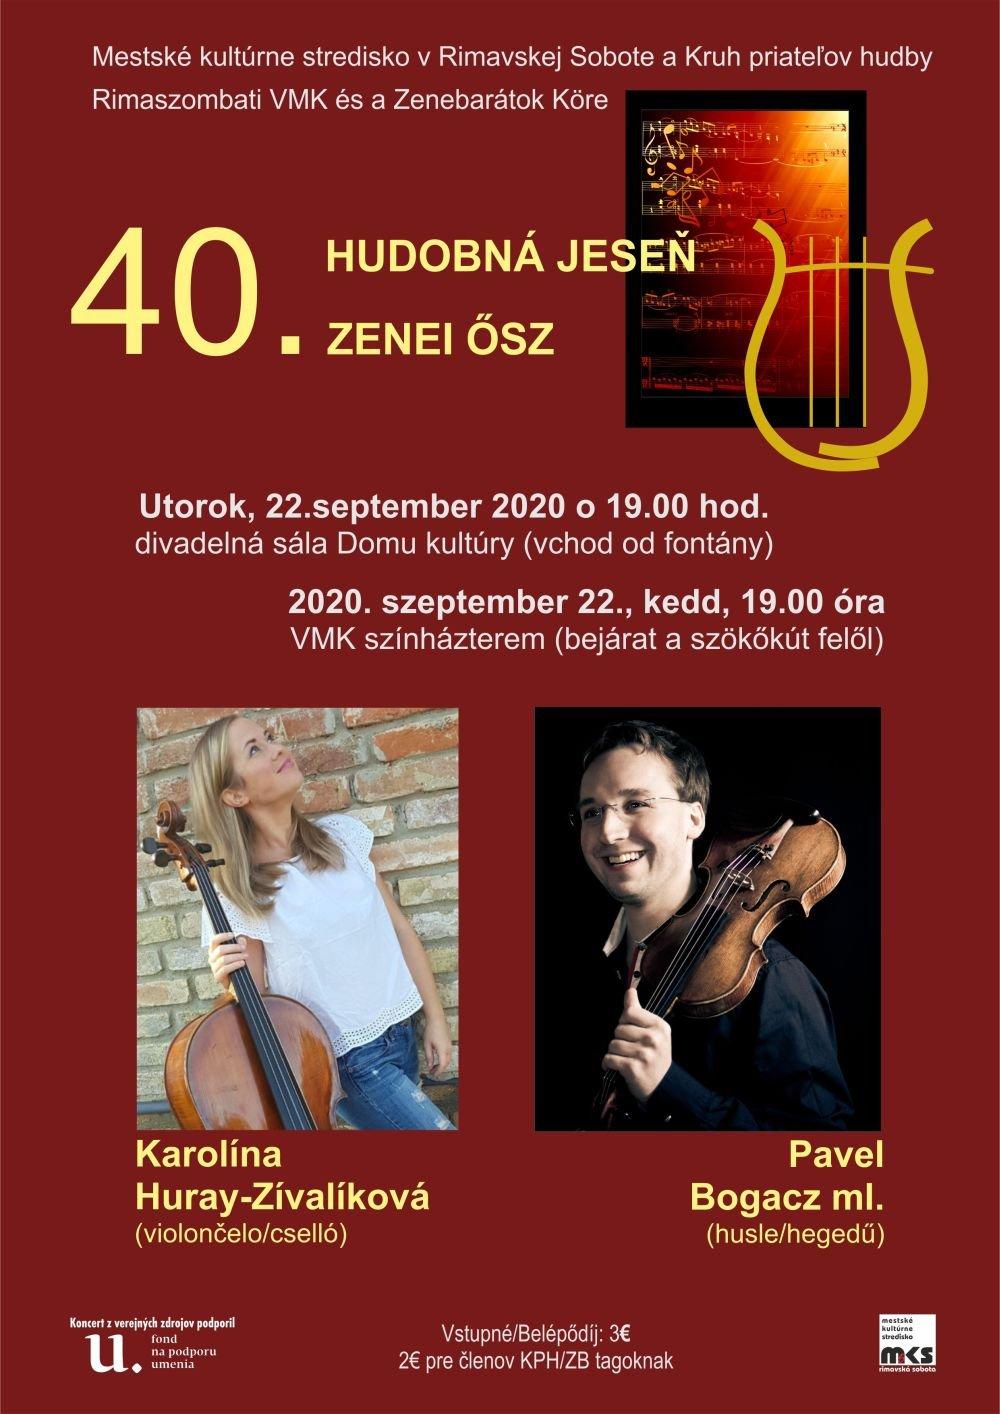 Koncert Hudobnej jesene @ Divadelná sála Domu kultúry Rimavská Sobota